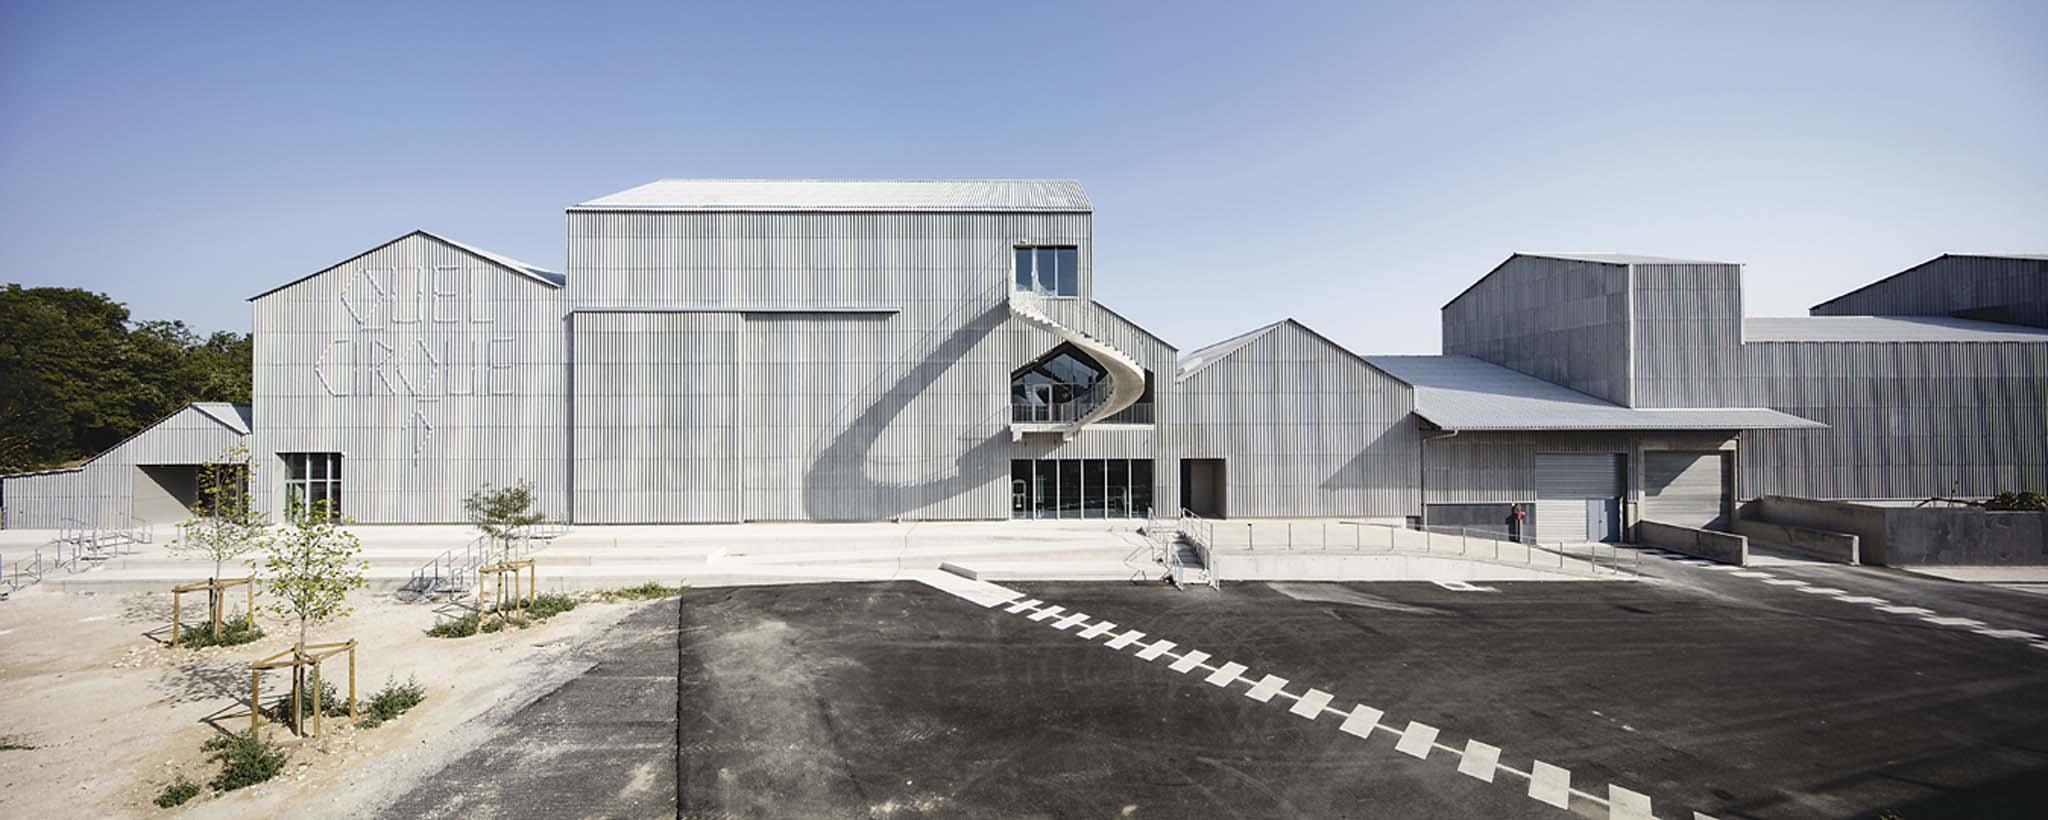 Caract re sp cial np2f centre national des arts du for Prix architecte